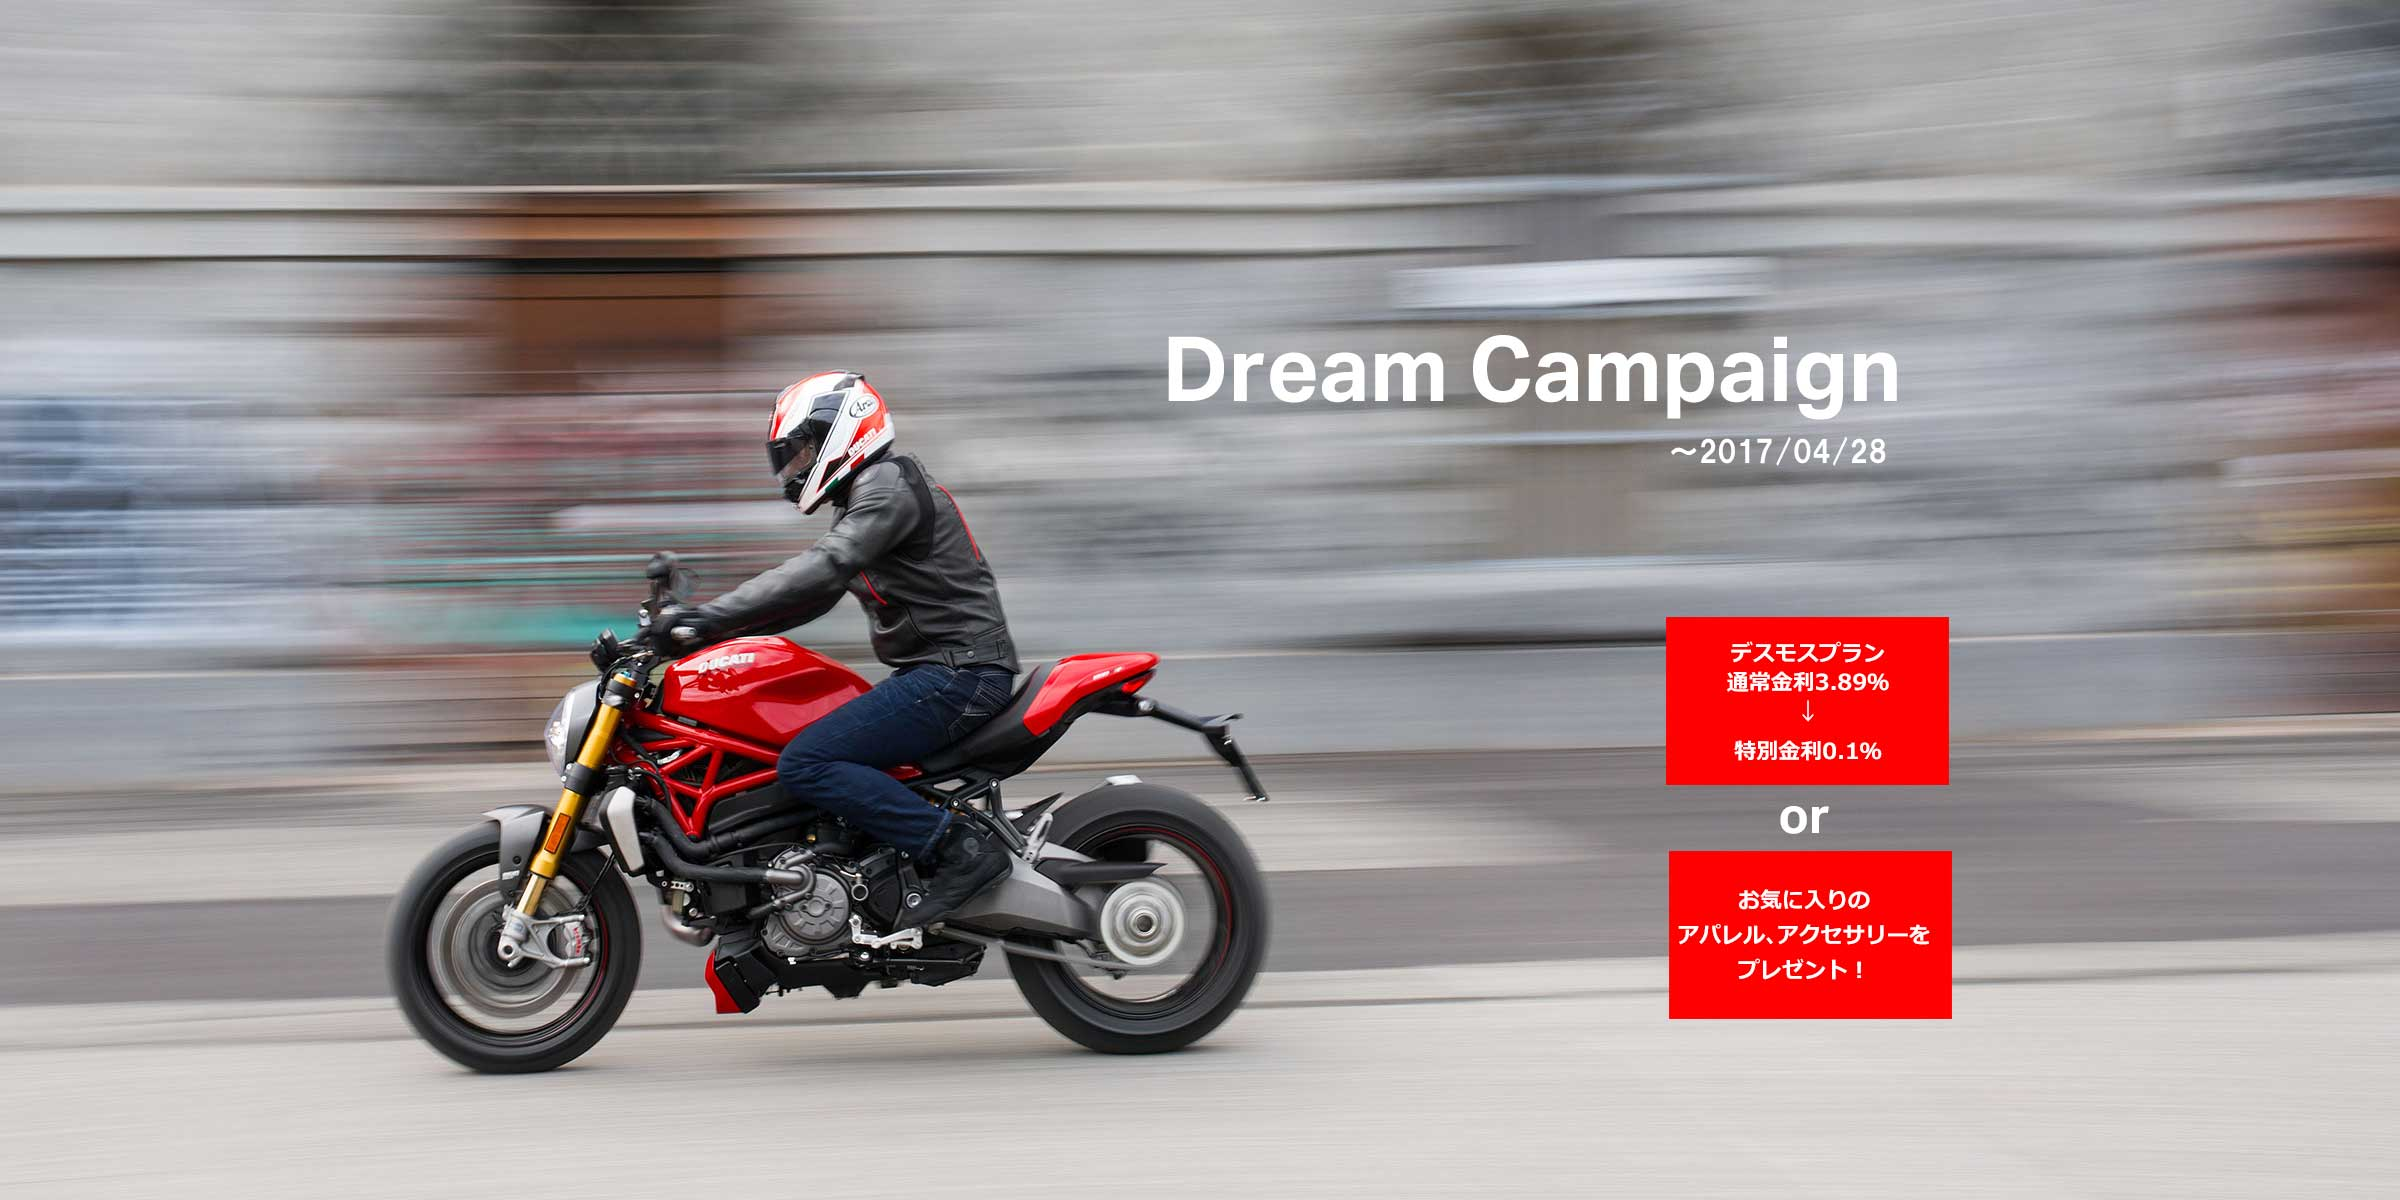 Dreamキャンペーン